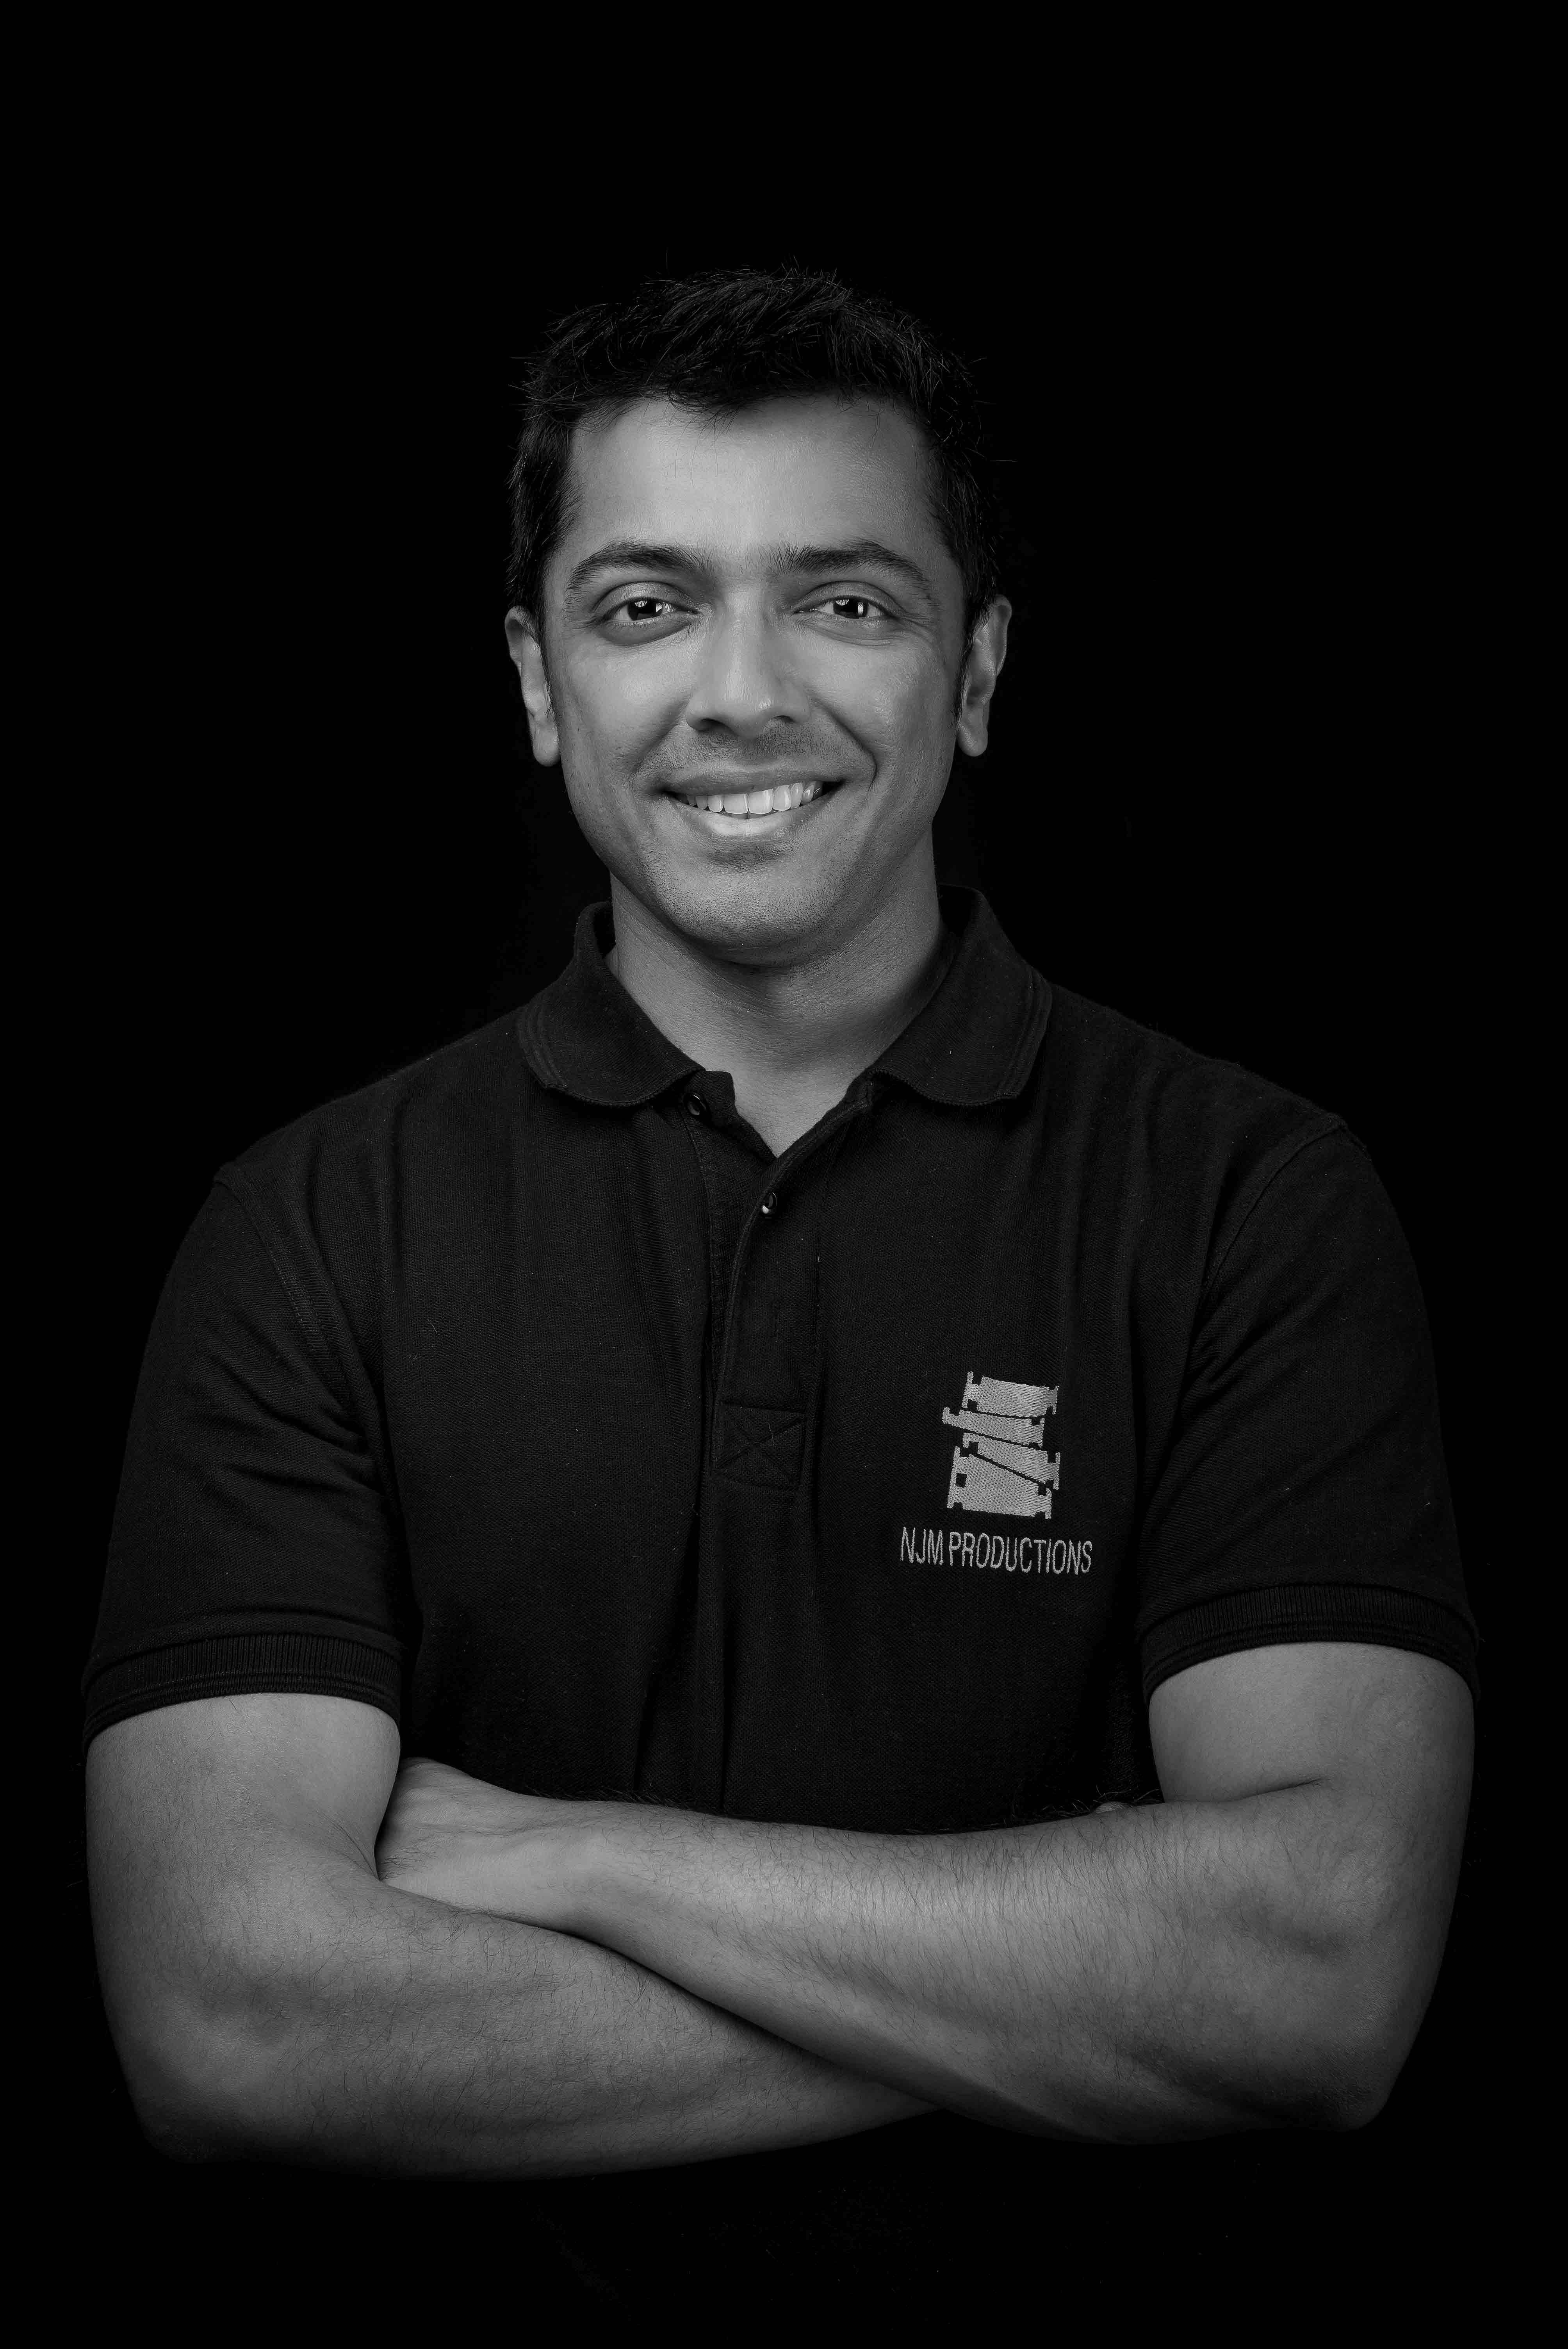 Nikhil Co-Founder